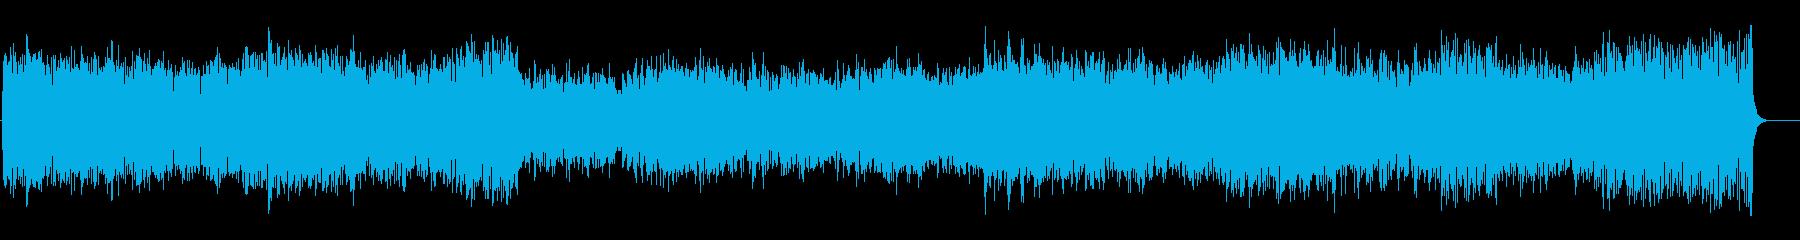 スケールの大きいクラシカルなオーケストラの再生済みの波形